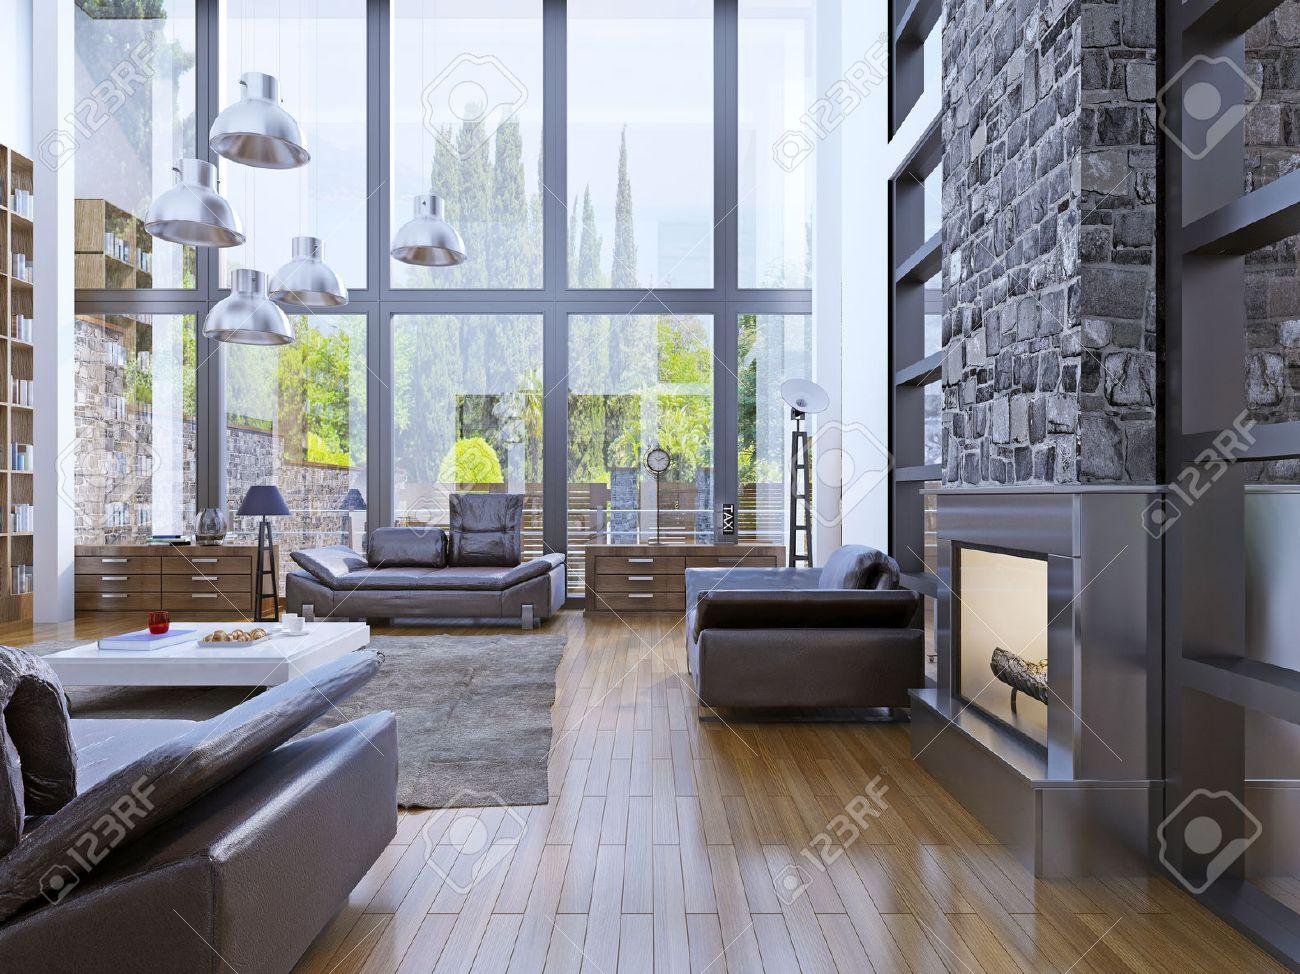 Loft-Wohnung Interior Design Mit Panoramafenster. Wohnzimmer Mit ...